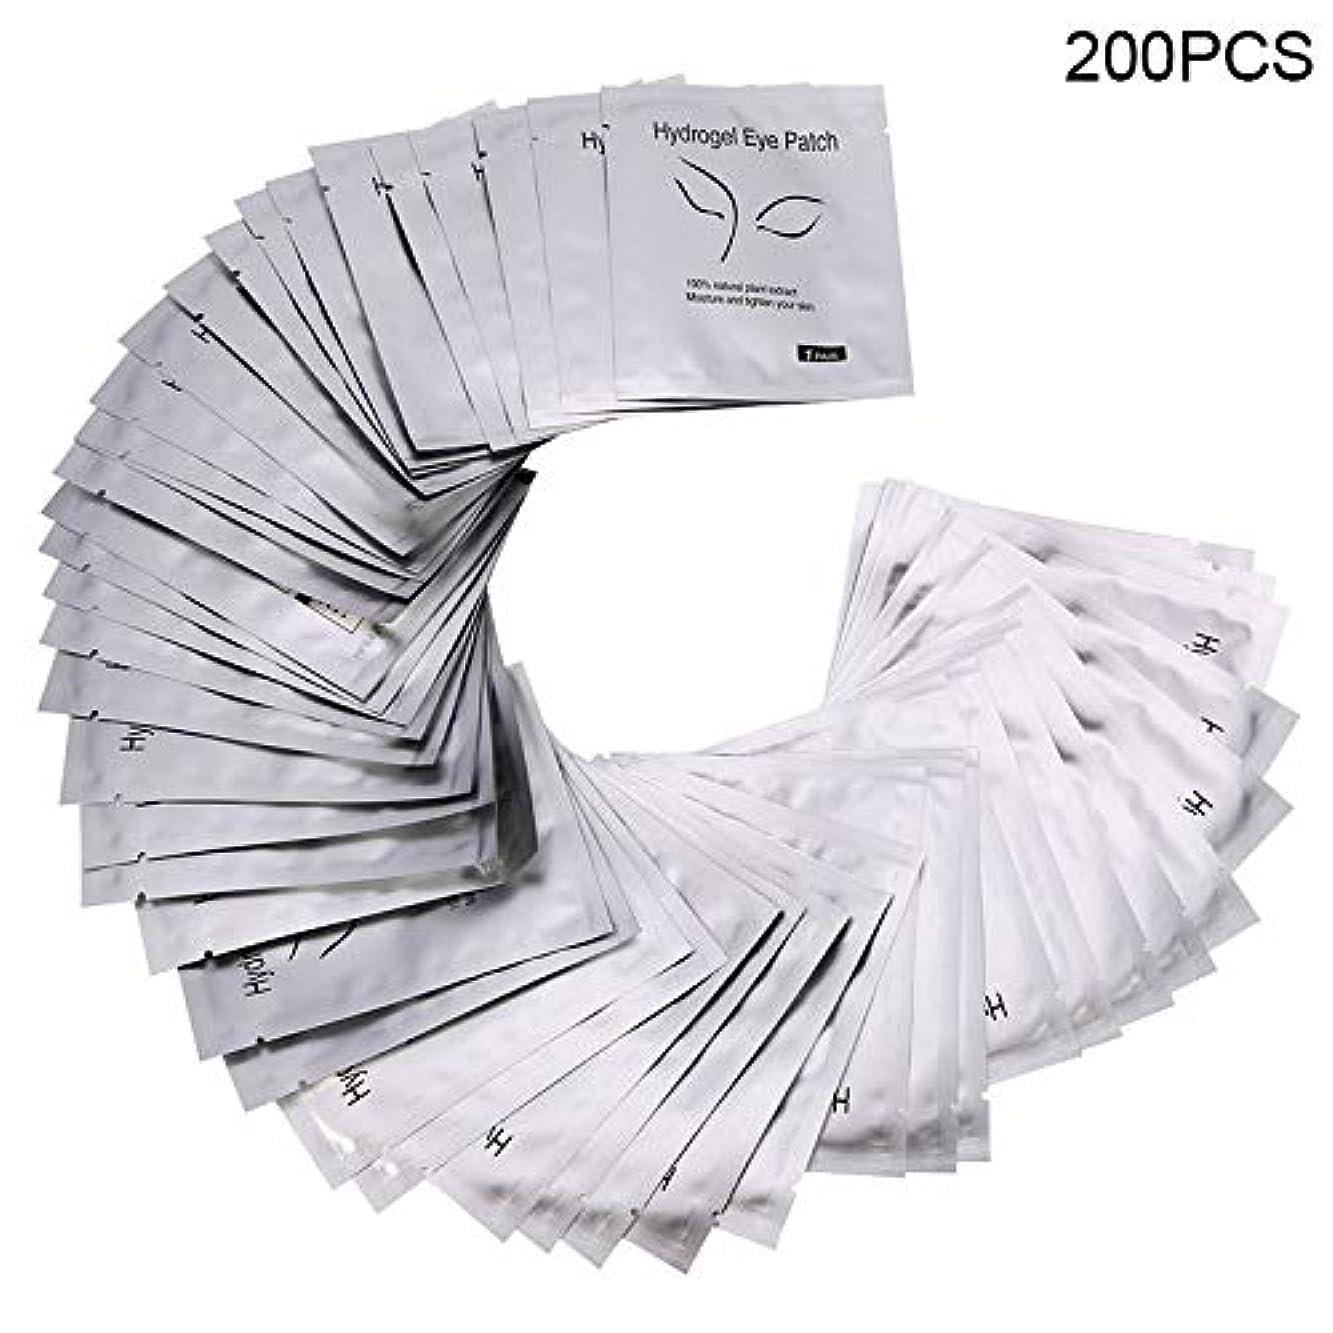 赤面持っている許可Woita アイパッド仮面 アイパッド まつげエクステンションパッチ リントフリー、まつげジェル 女性のための 使いやすい 50/100/200ペア